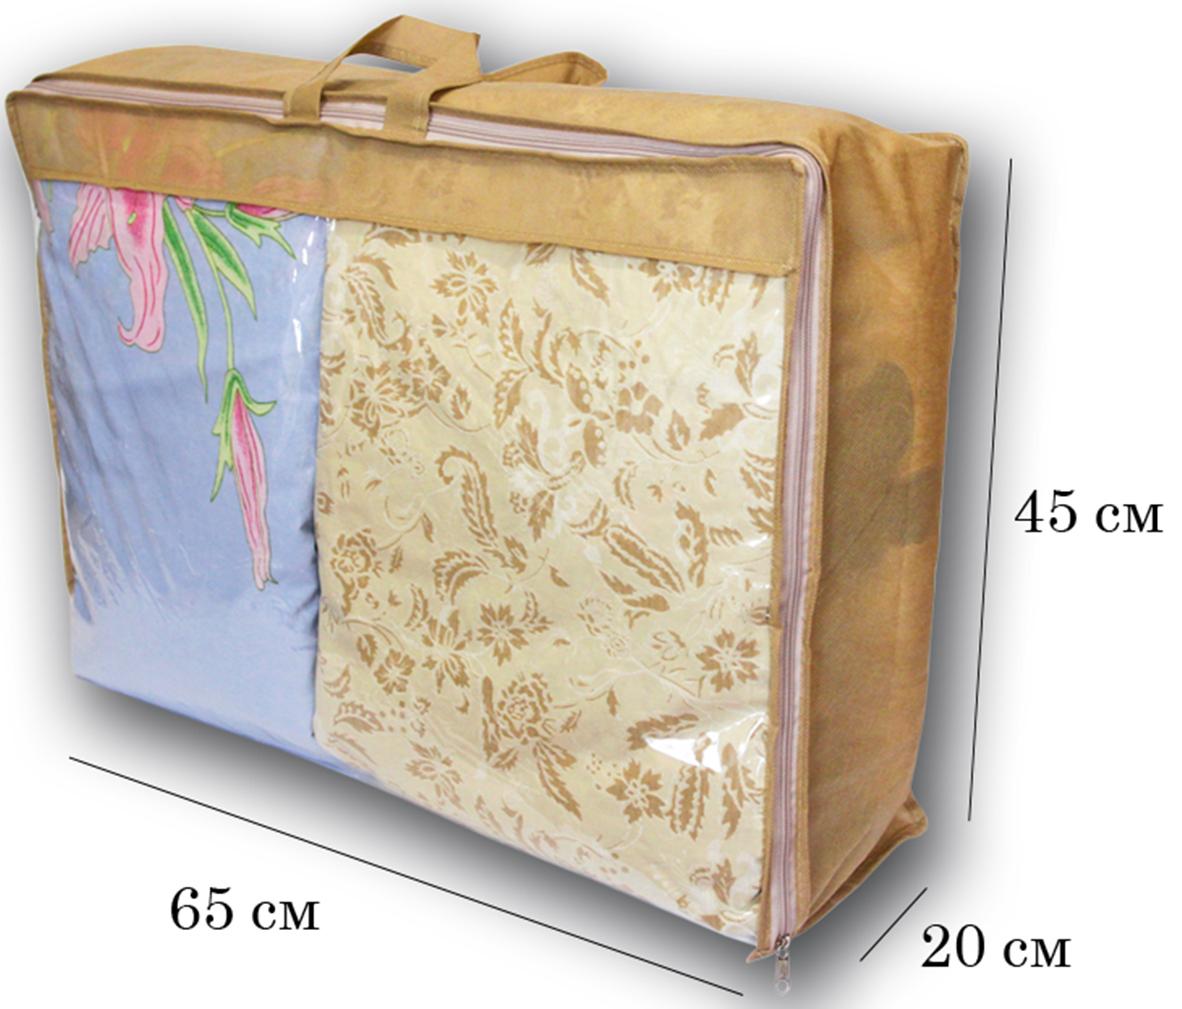 сумка для хранения вещей купить